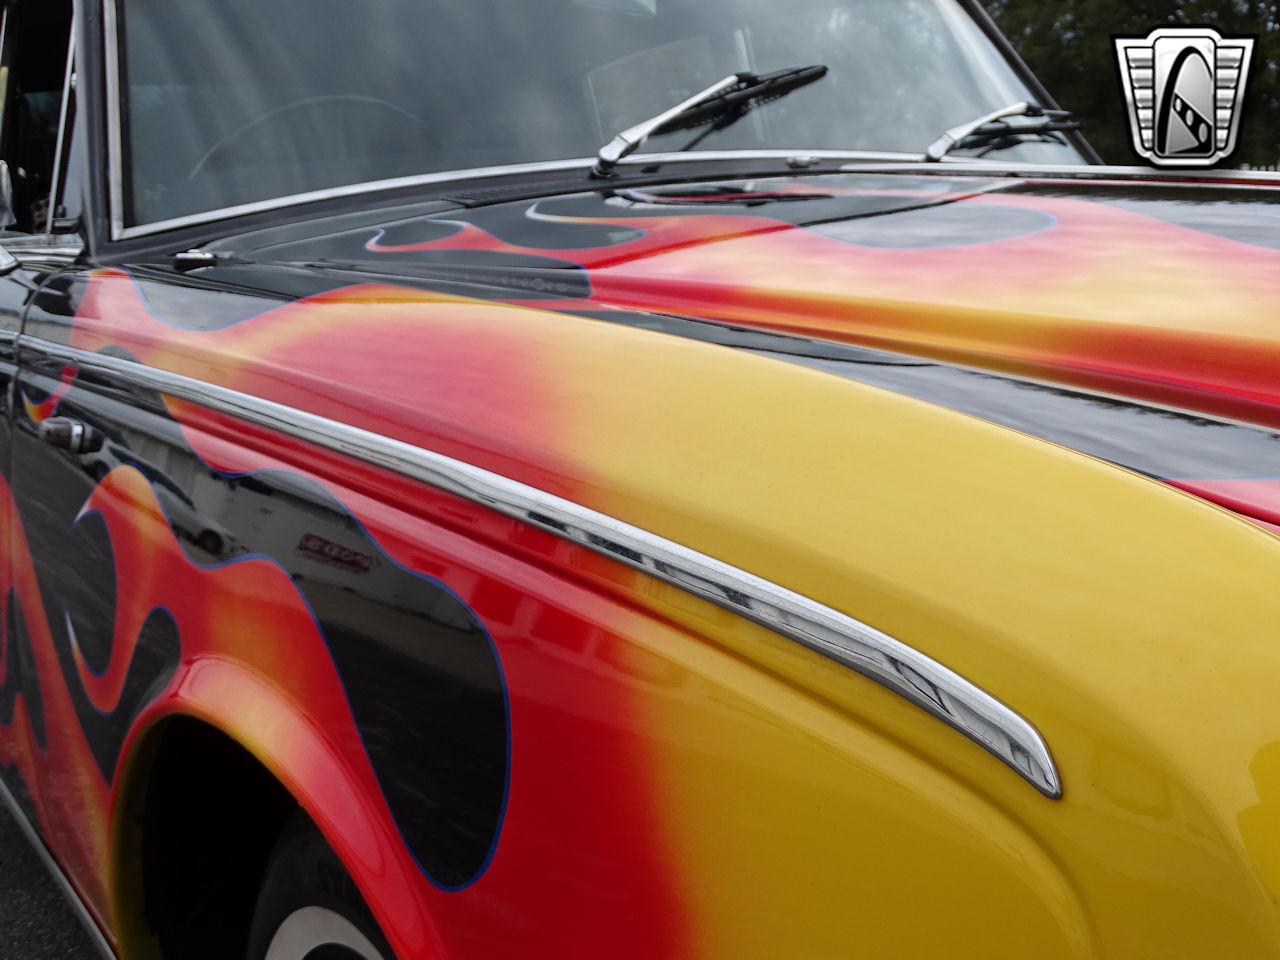 1967 Rolls Royce Silver Shadow 66